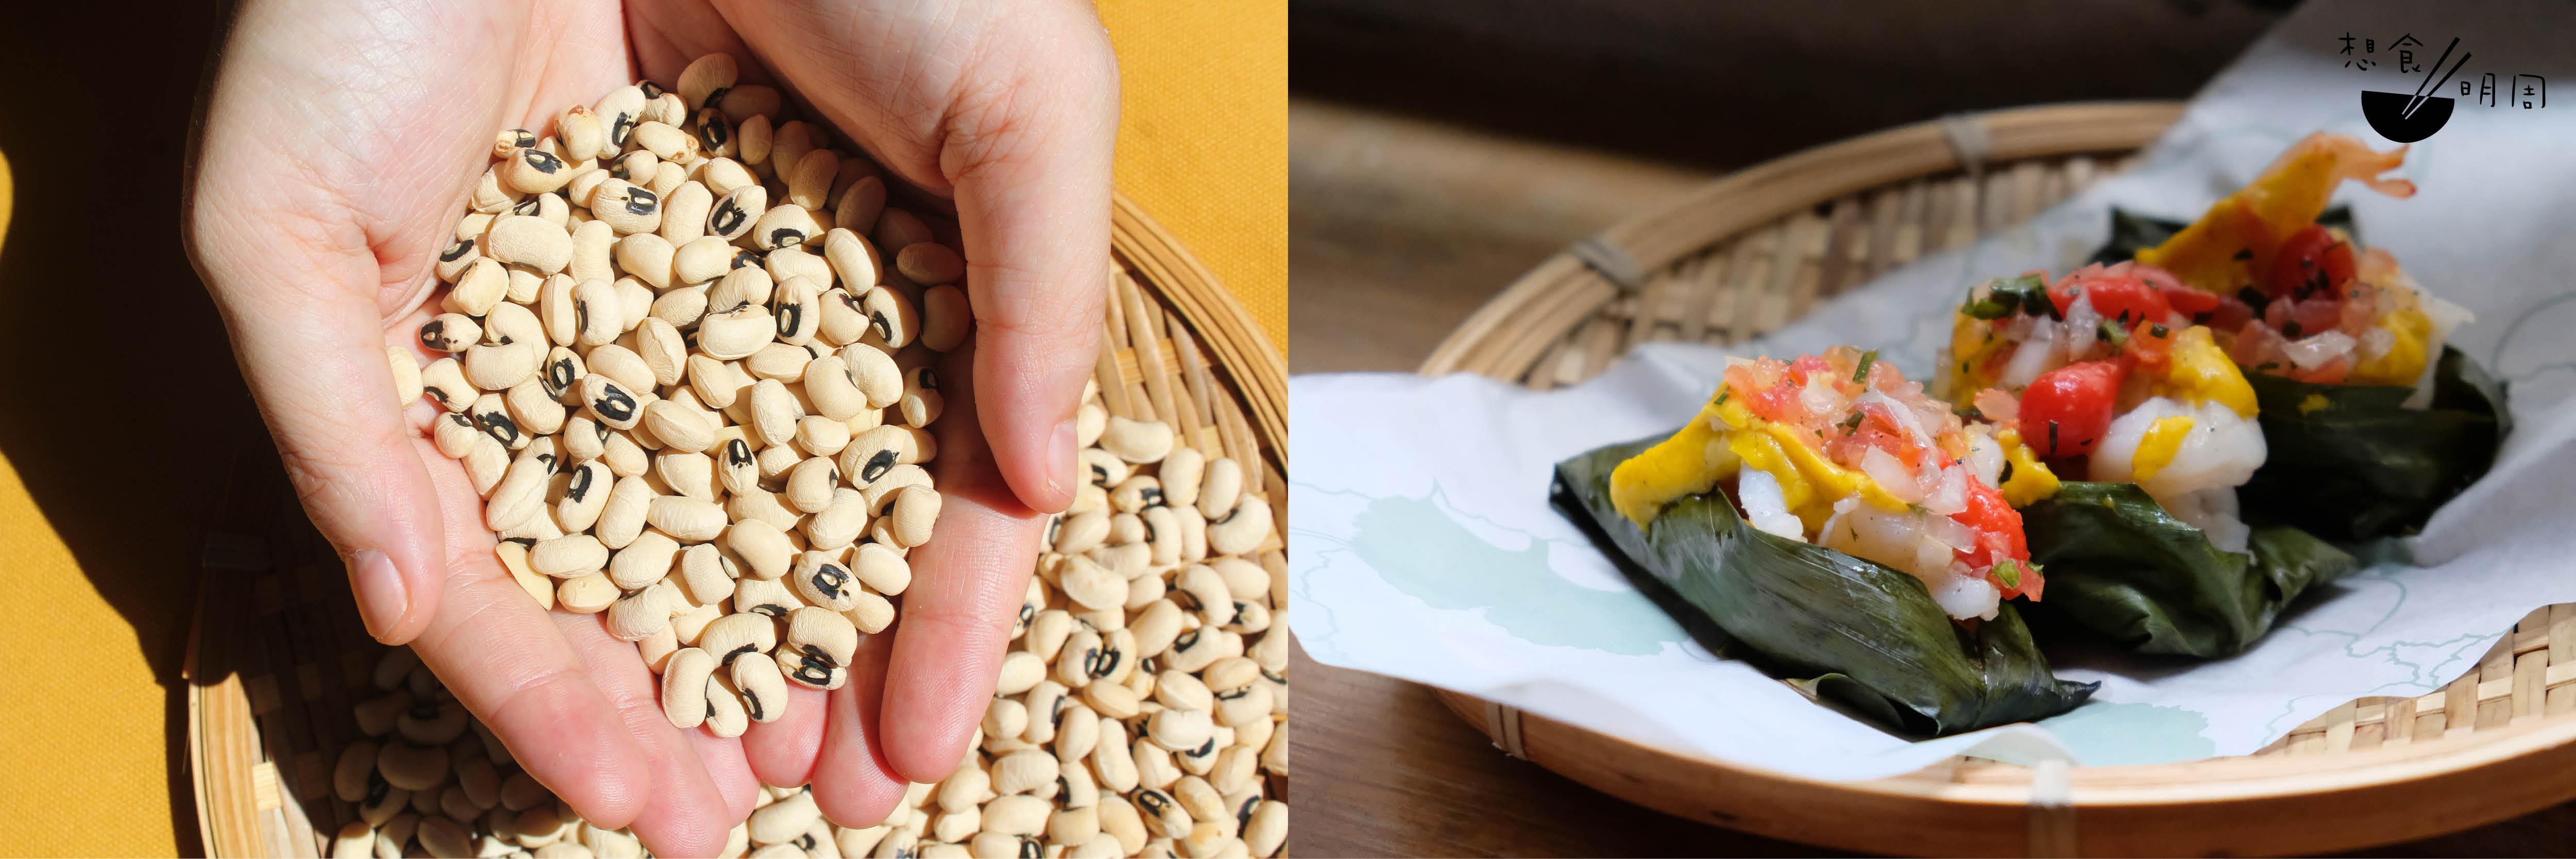 巴西人口中的黑眼豆(black eyed peas),正是我們認識的眉豆。搗成豆蓉、搓成麵糰,是當地傳統的黑眼豆餅。在Uma Nota,廚師把麵糰與紅棕櫚油(Dende Oil)、薑、洋蔥和蝦乾混合成糊狀,包覆在香蕉葉中蒸熟。最後才澆入巴西傳統的瓦塔帕蝦醬(Vatapa),是一道開胃的前菜。